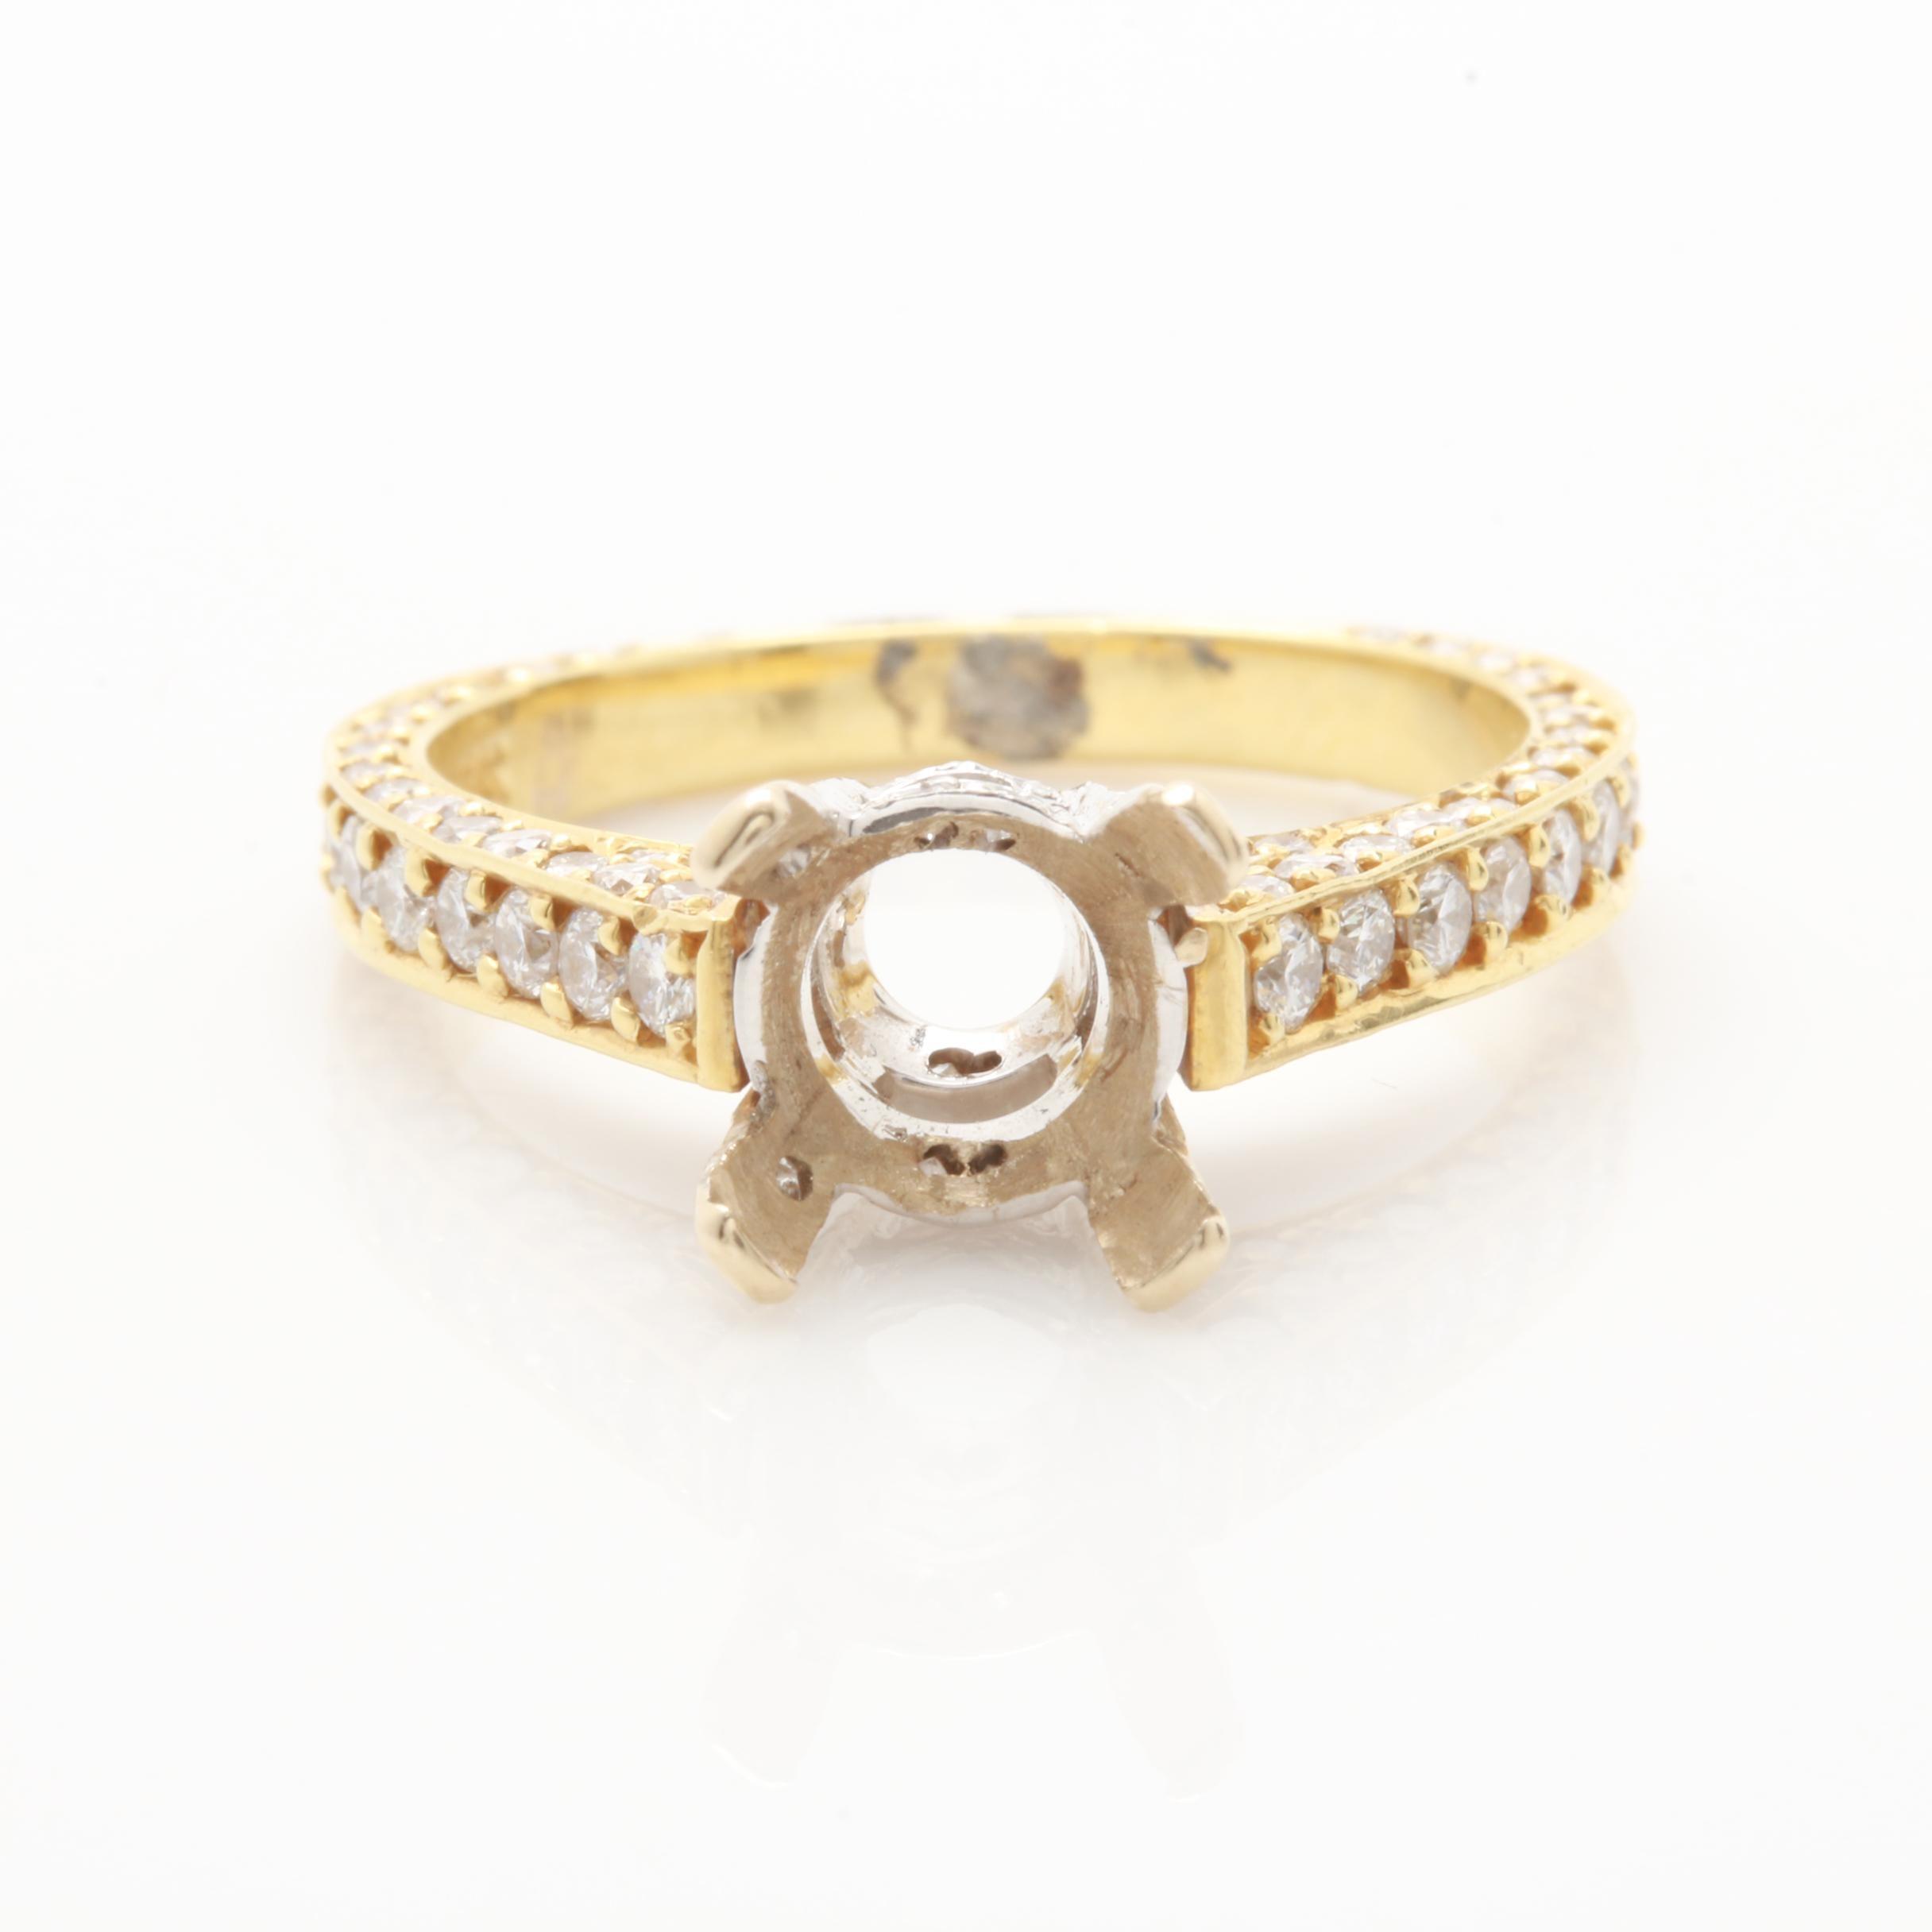 18K Yellow Gold 1.24 CTW Diamond Ring Mounting